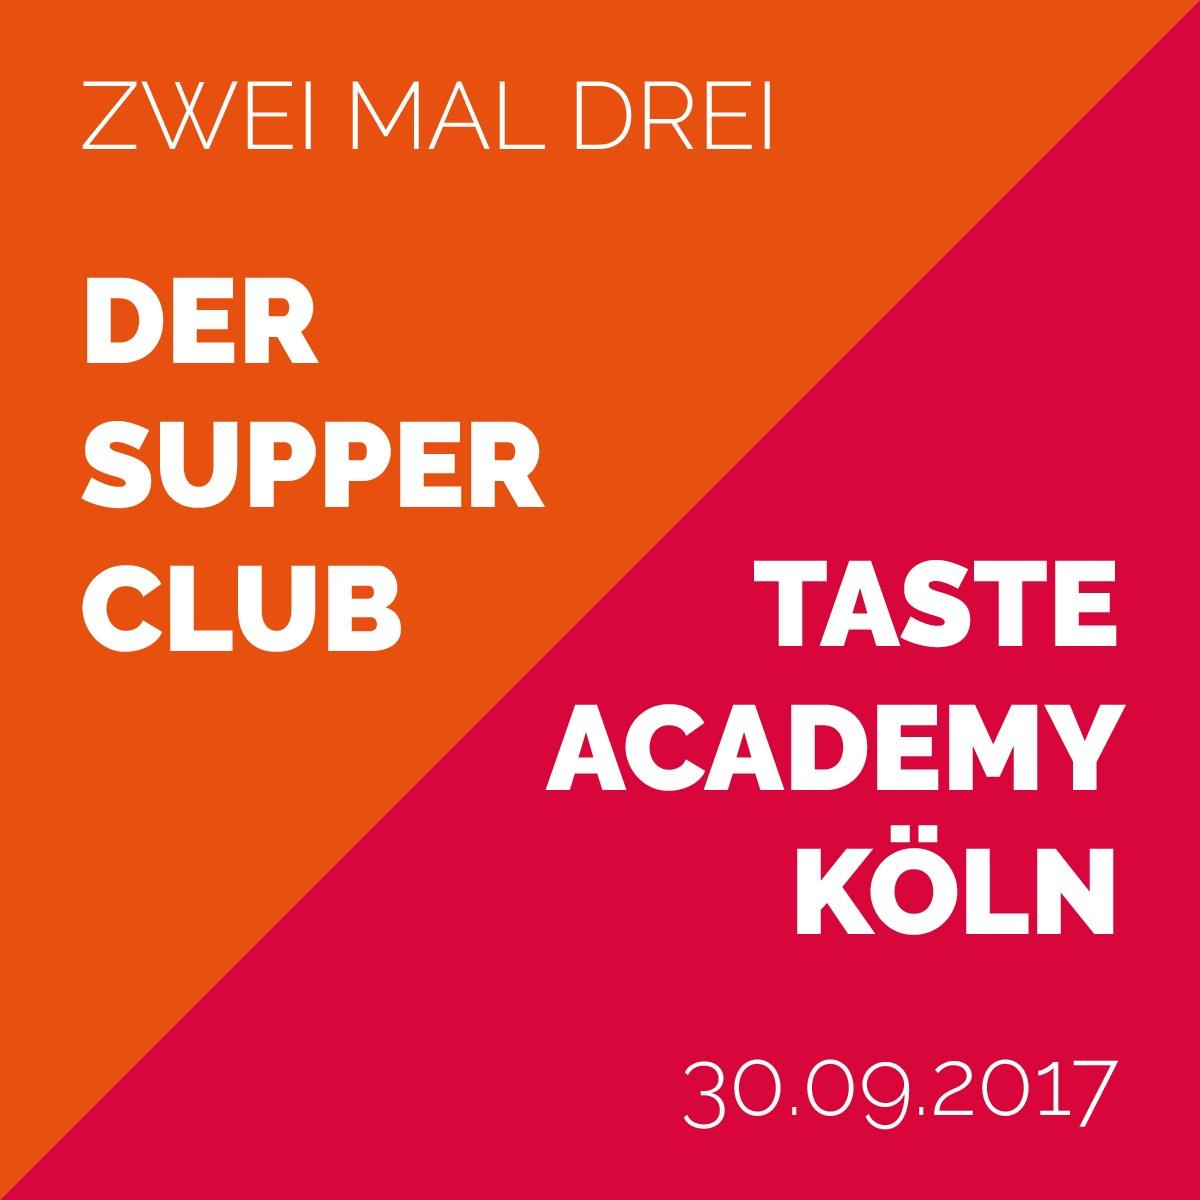 Zwei mal drei - Der Supper Club